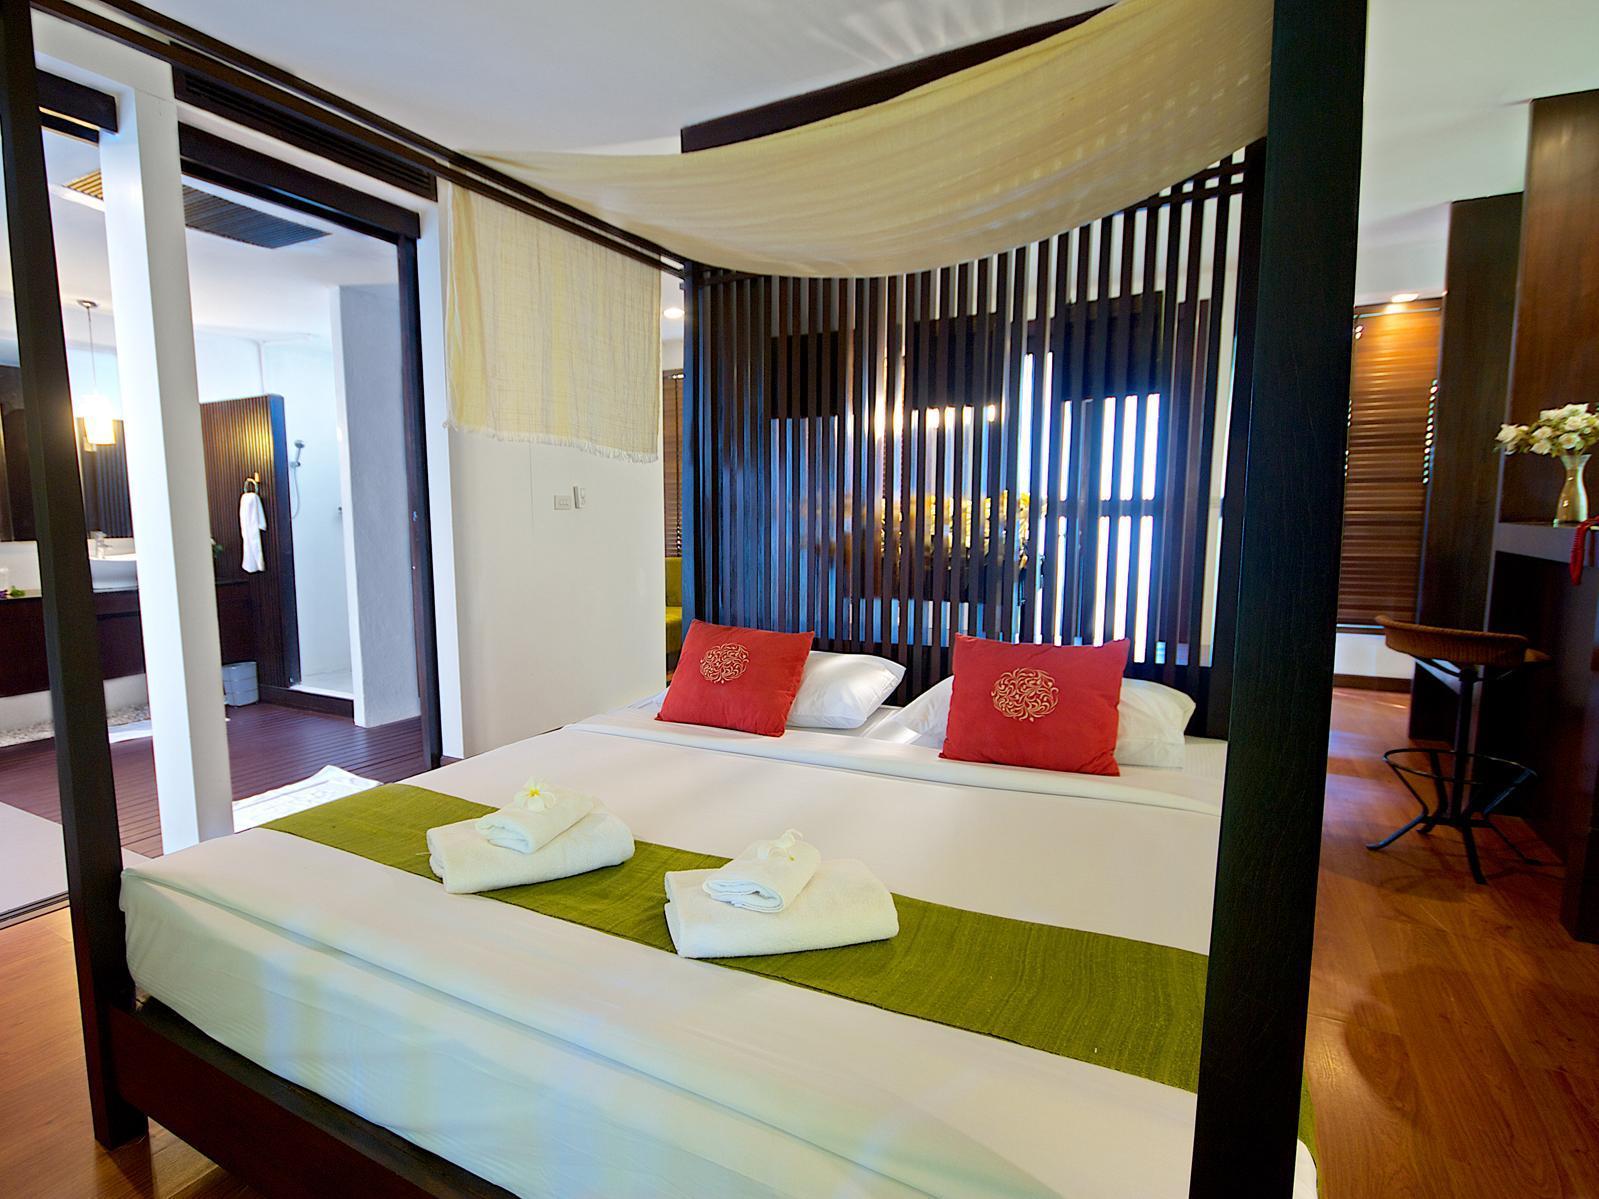 โรงแรมวิลลา พาราดี